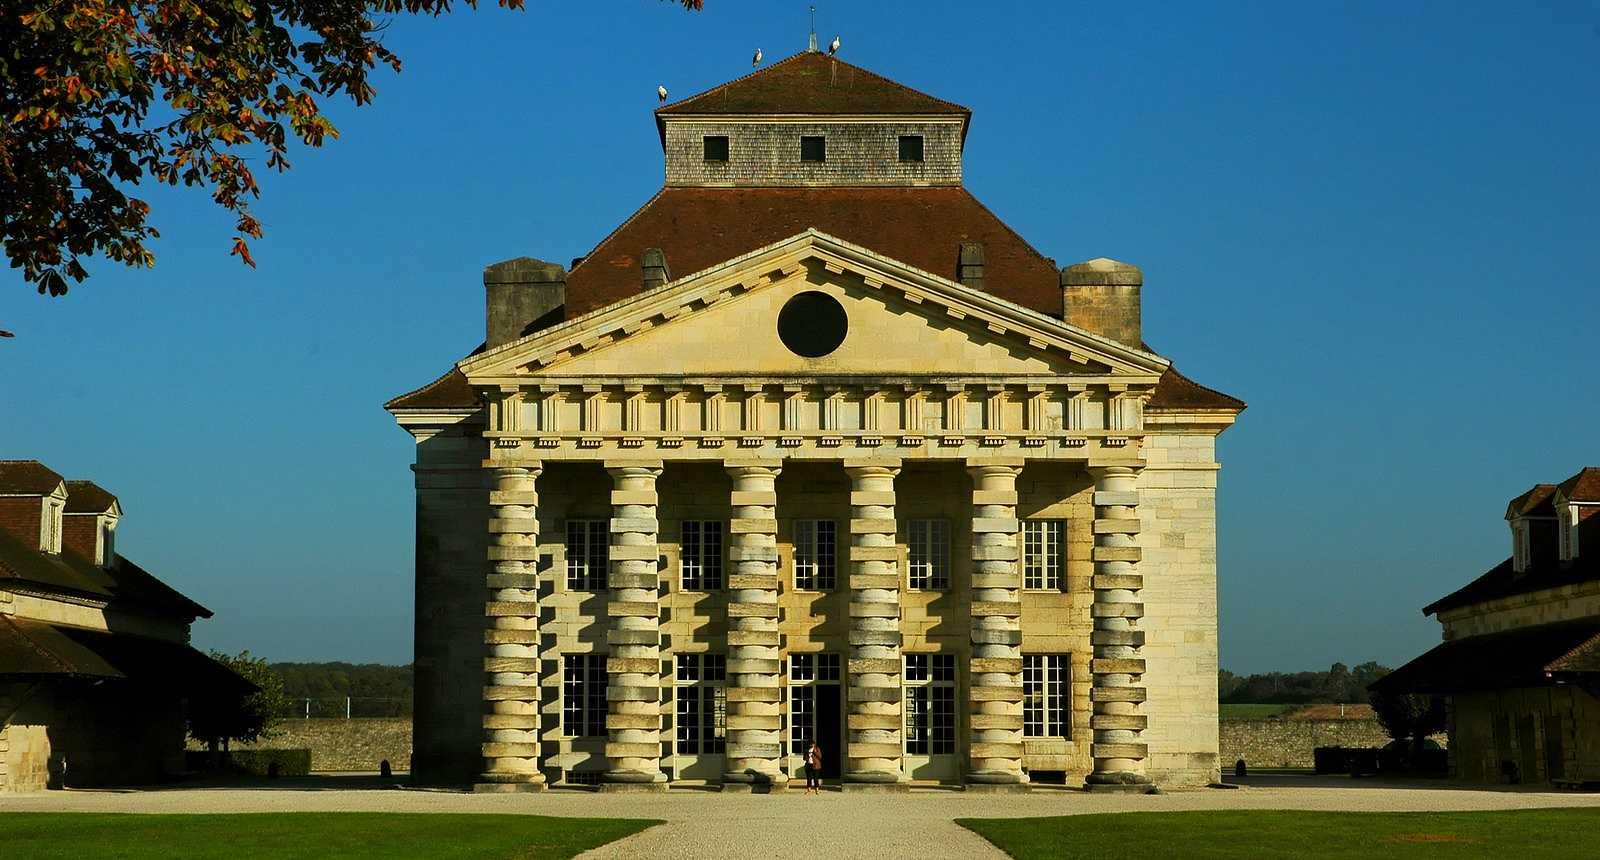 Image : Office de Tourisme** d'Arc-et-senans